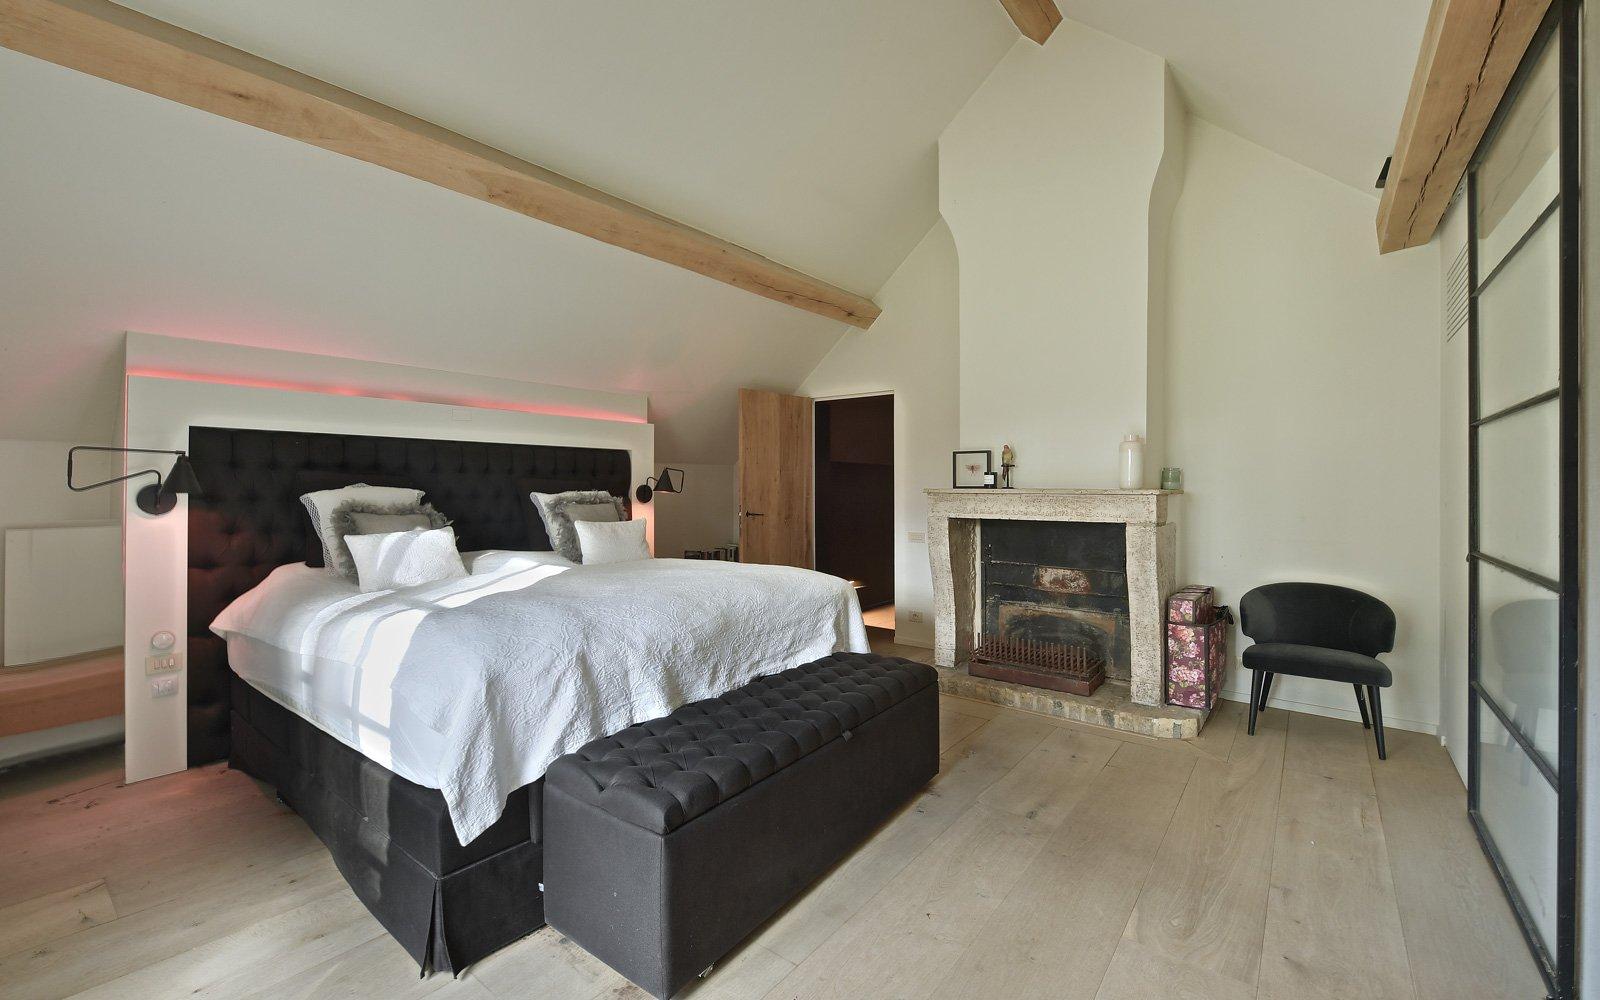 Slaapkamer, master bedroom, bed, open haard, strak, landelijk, Jurgen Weyne